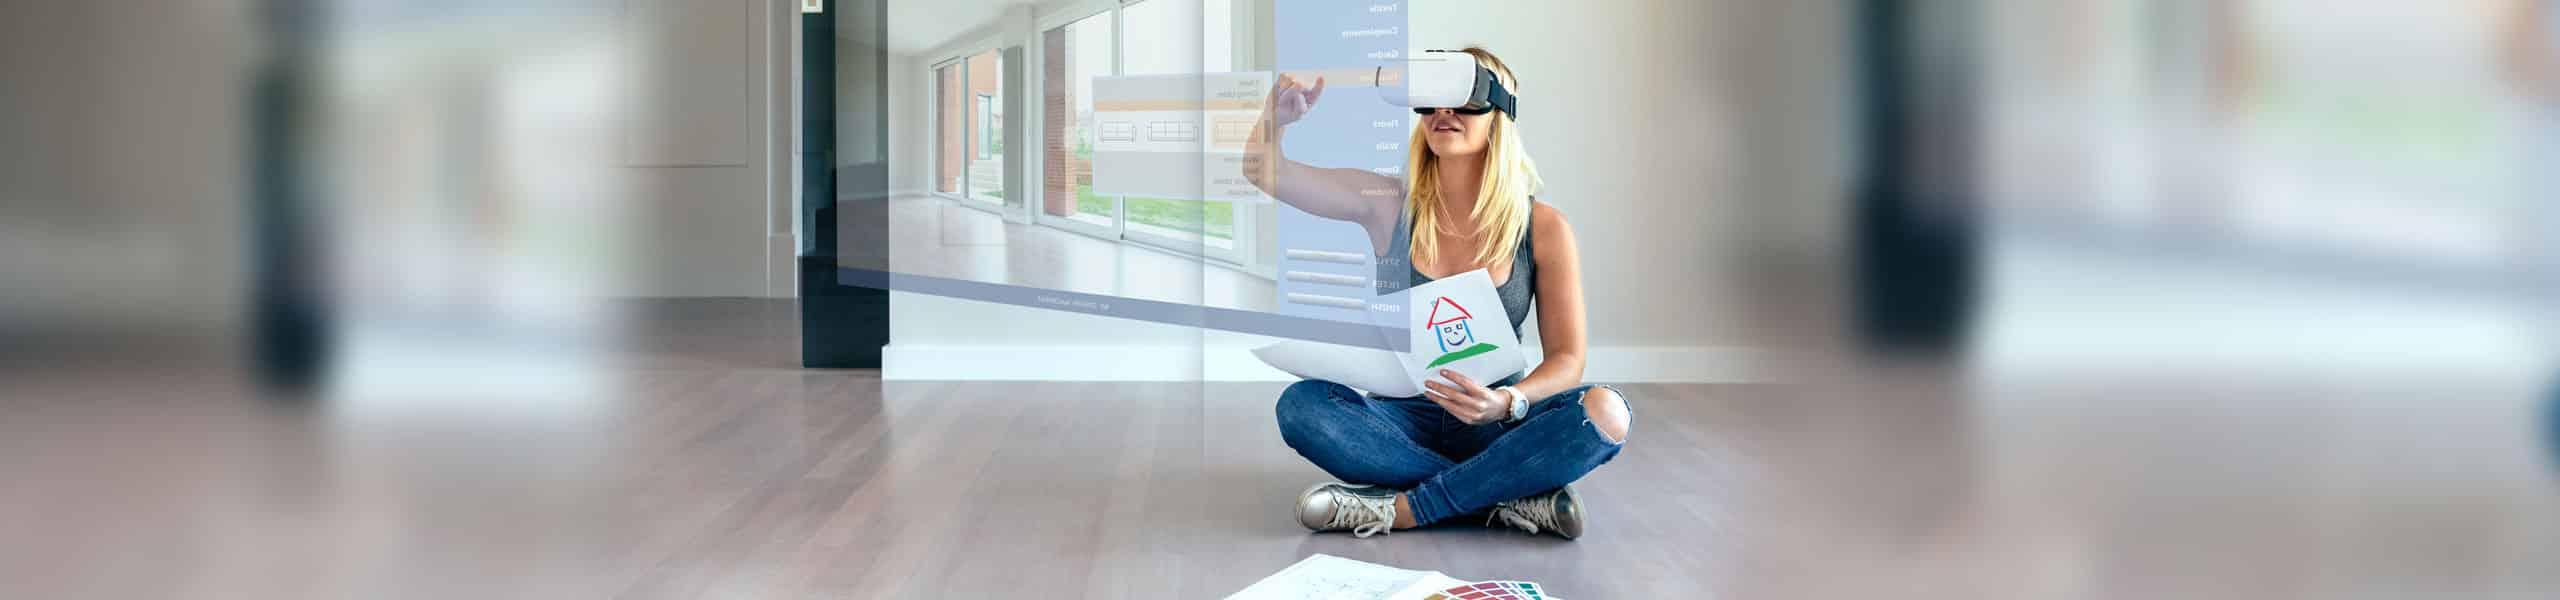 eine Frau sitzt auf dem Boden und besichtigt durch eine VR-Videobrille eine Immobilie online.